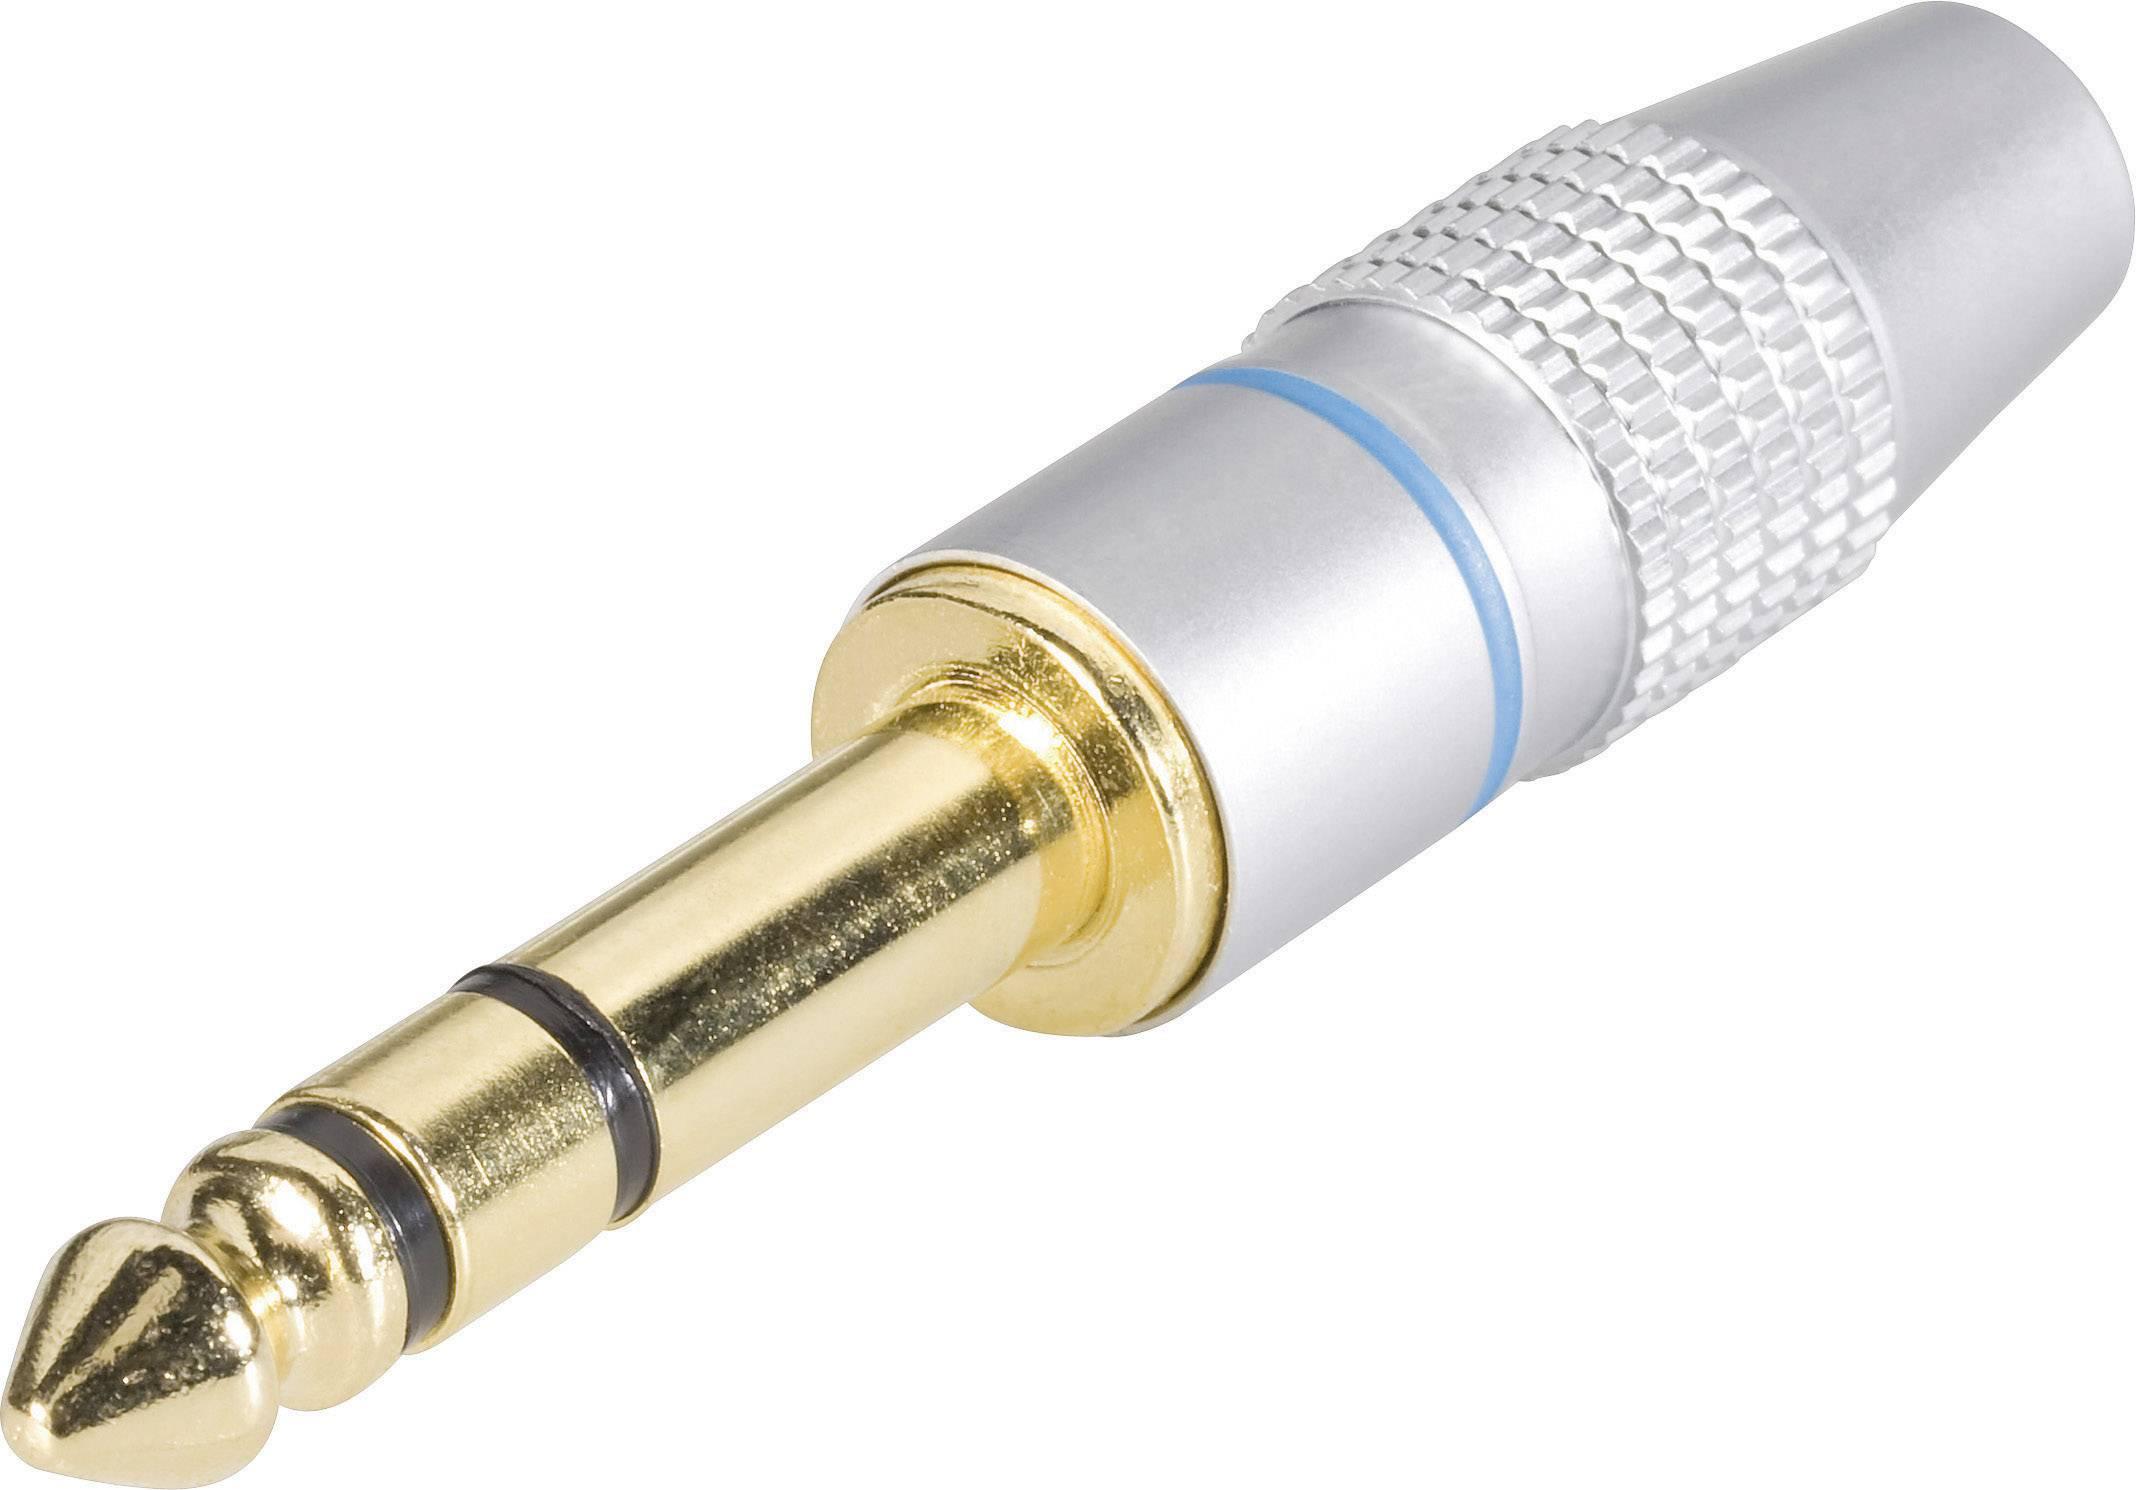 Jack konektor 6,35 mm stereo, zástrčka rovná, 3pól., do 7,2 mm, stříbrná